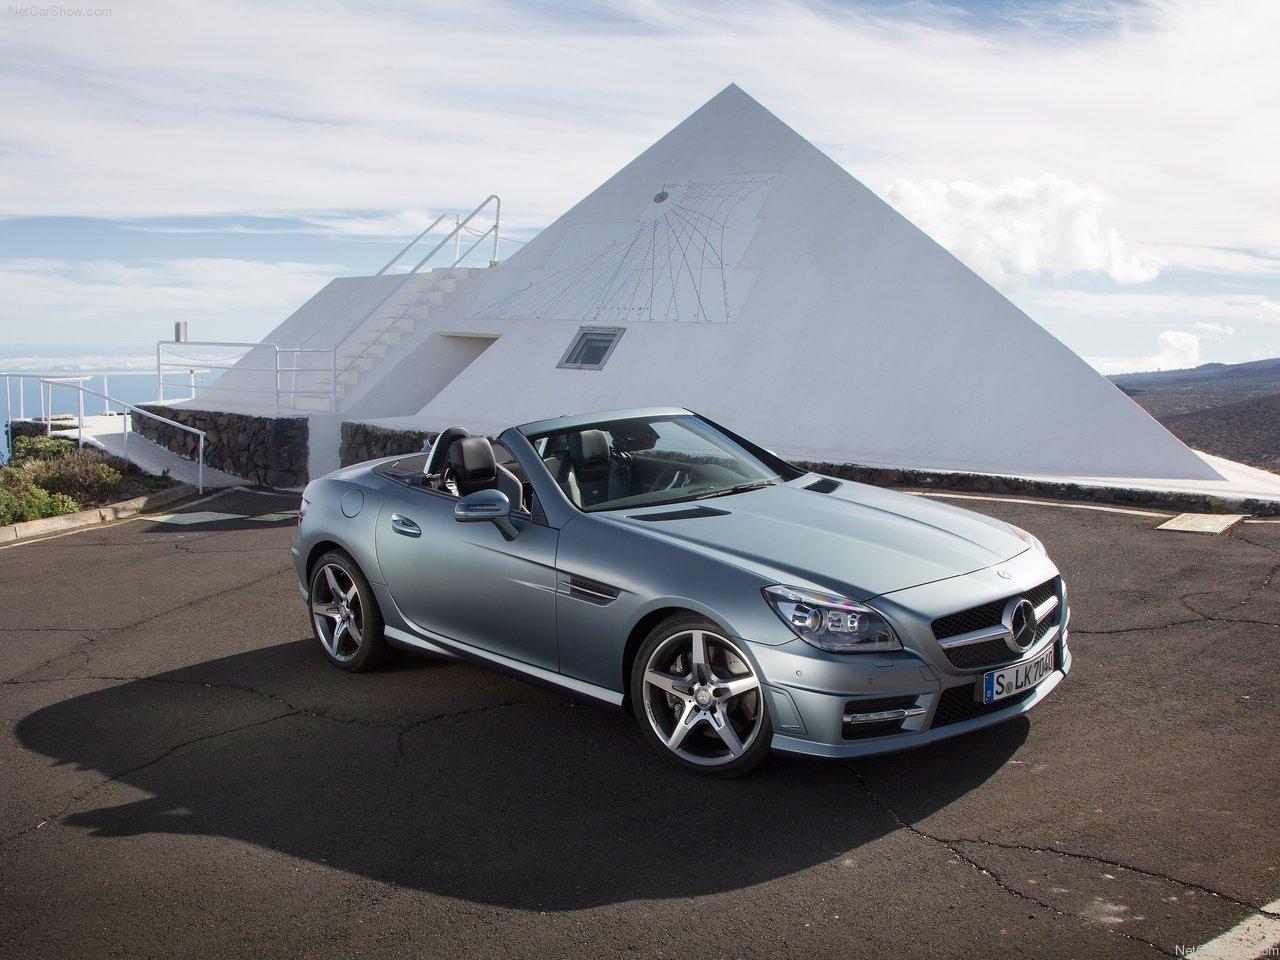 http://1.bp.blogspot.com/-jgxQj_VubCA/TZxhB2KPR4I/AAAAAAACMdI/nOM0ApBuCe0/s1600/Mercedes-Benz-SLK350_2012_1280x960_wallpaper_06.jpg